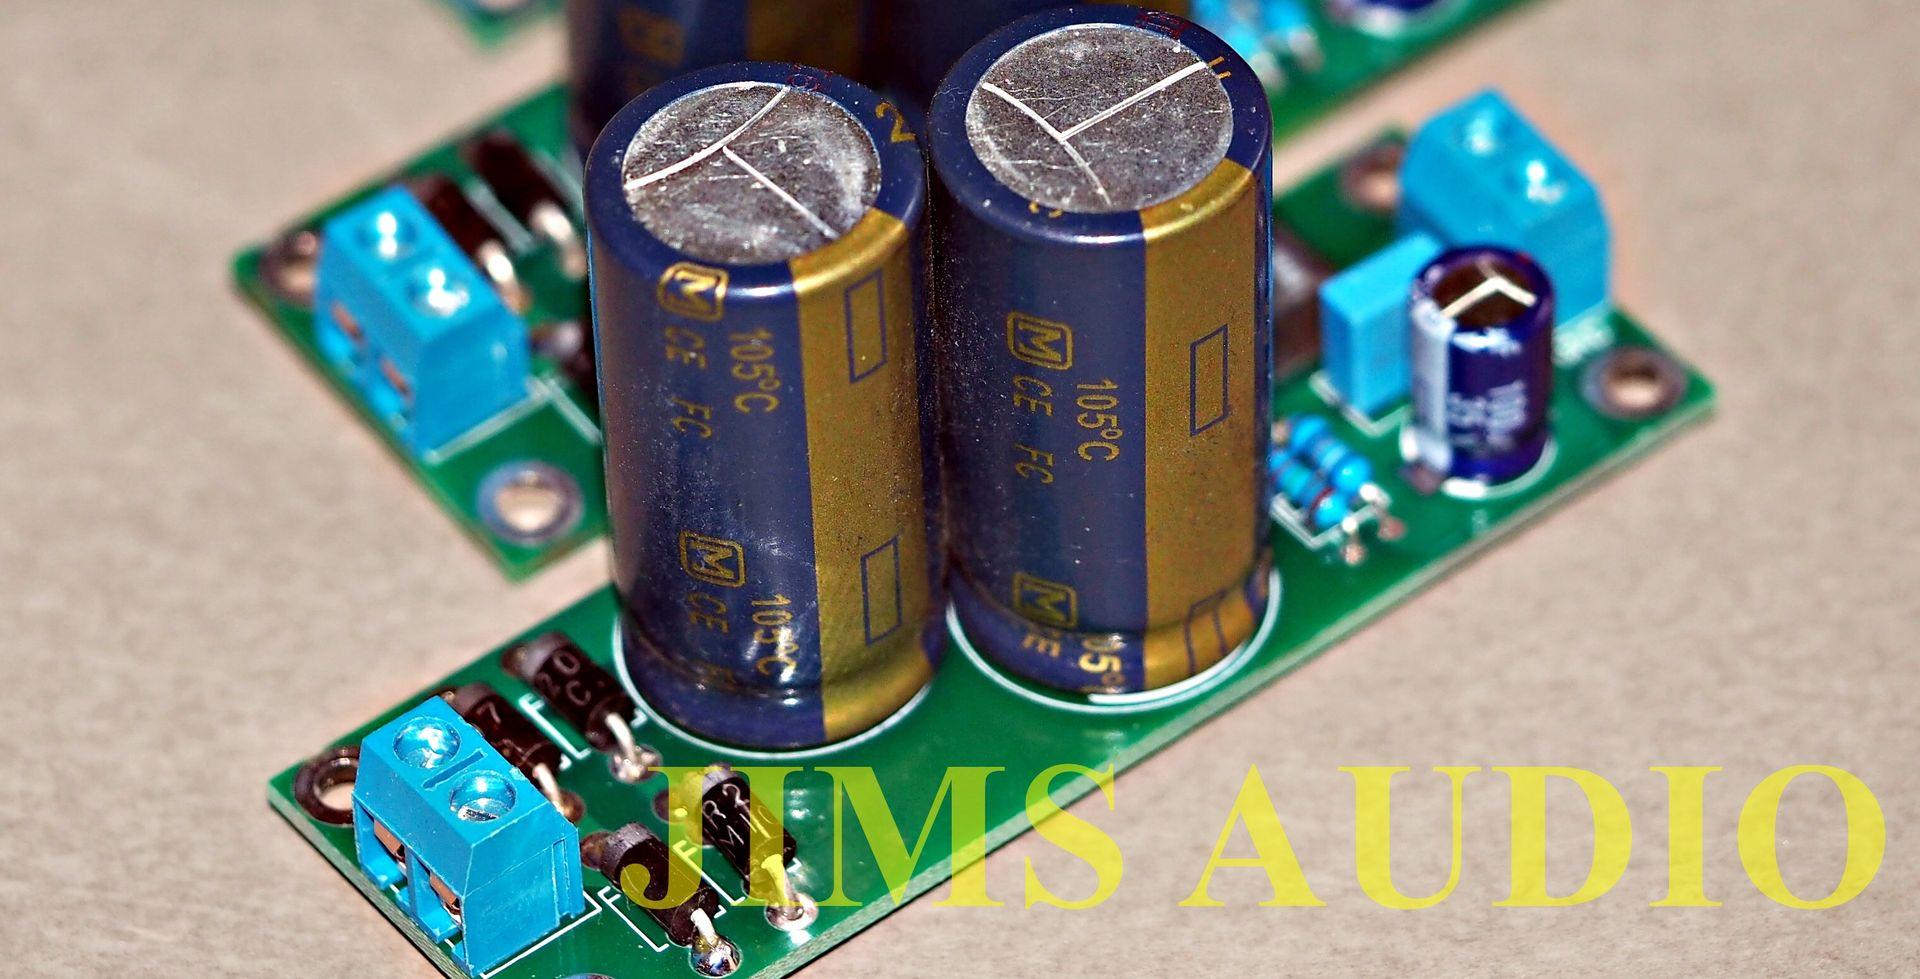 pa300003-11-zpsj6xyqr7r.jpg